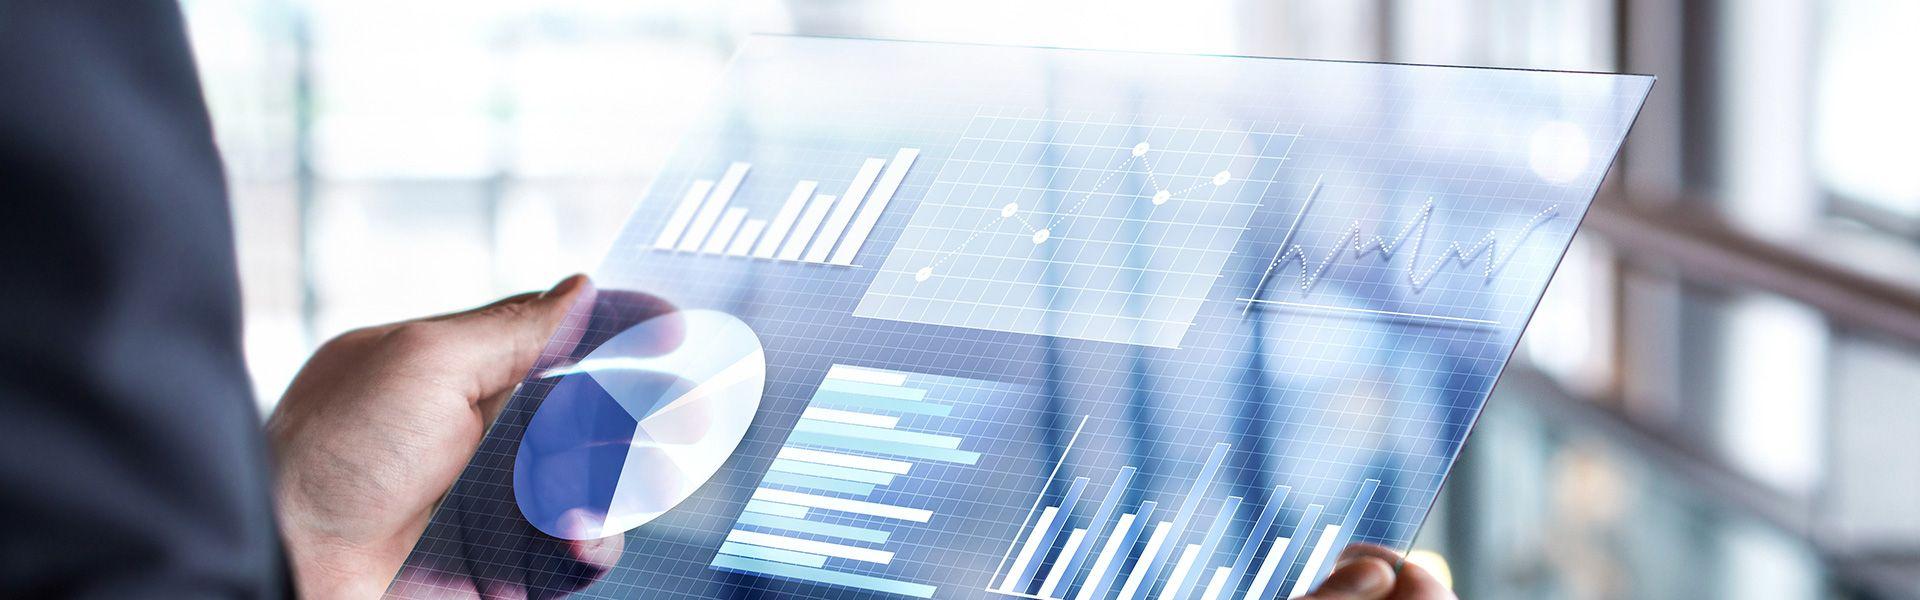 Belegloses, digitales Rechnungswesen und elektronische Archivierung